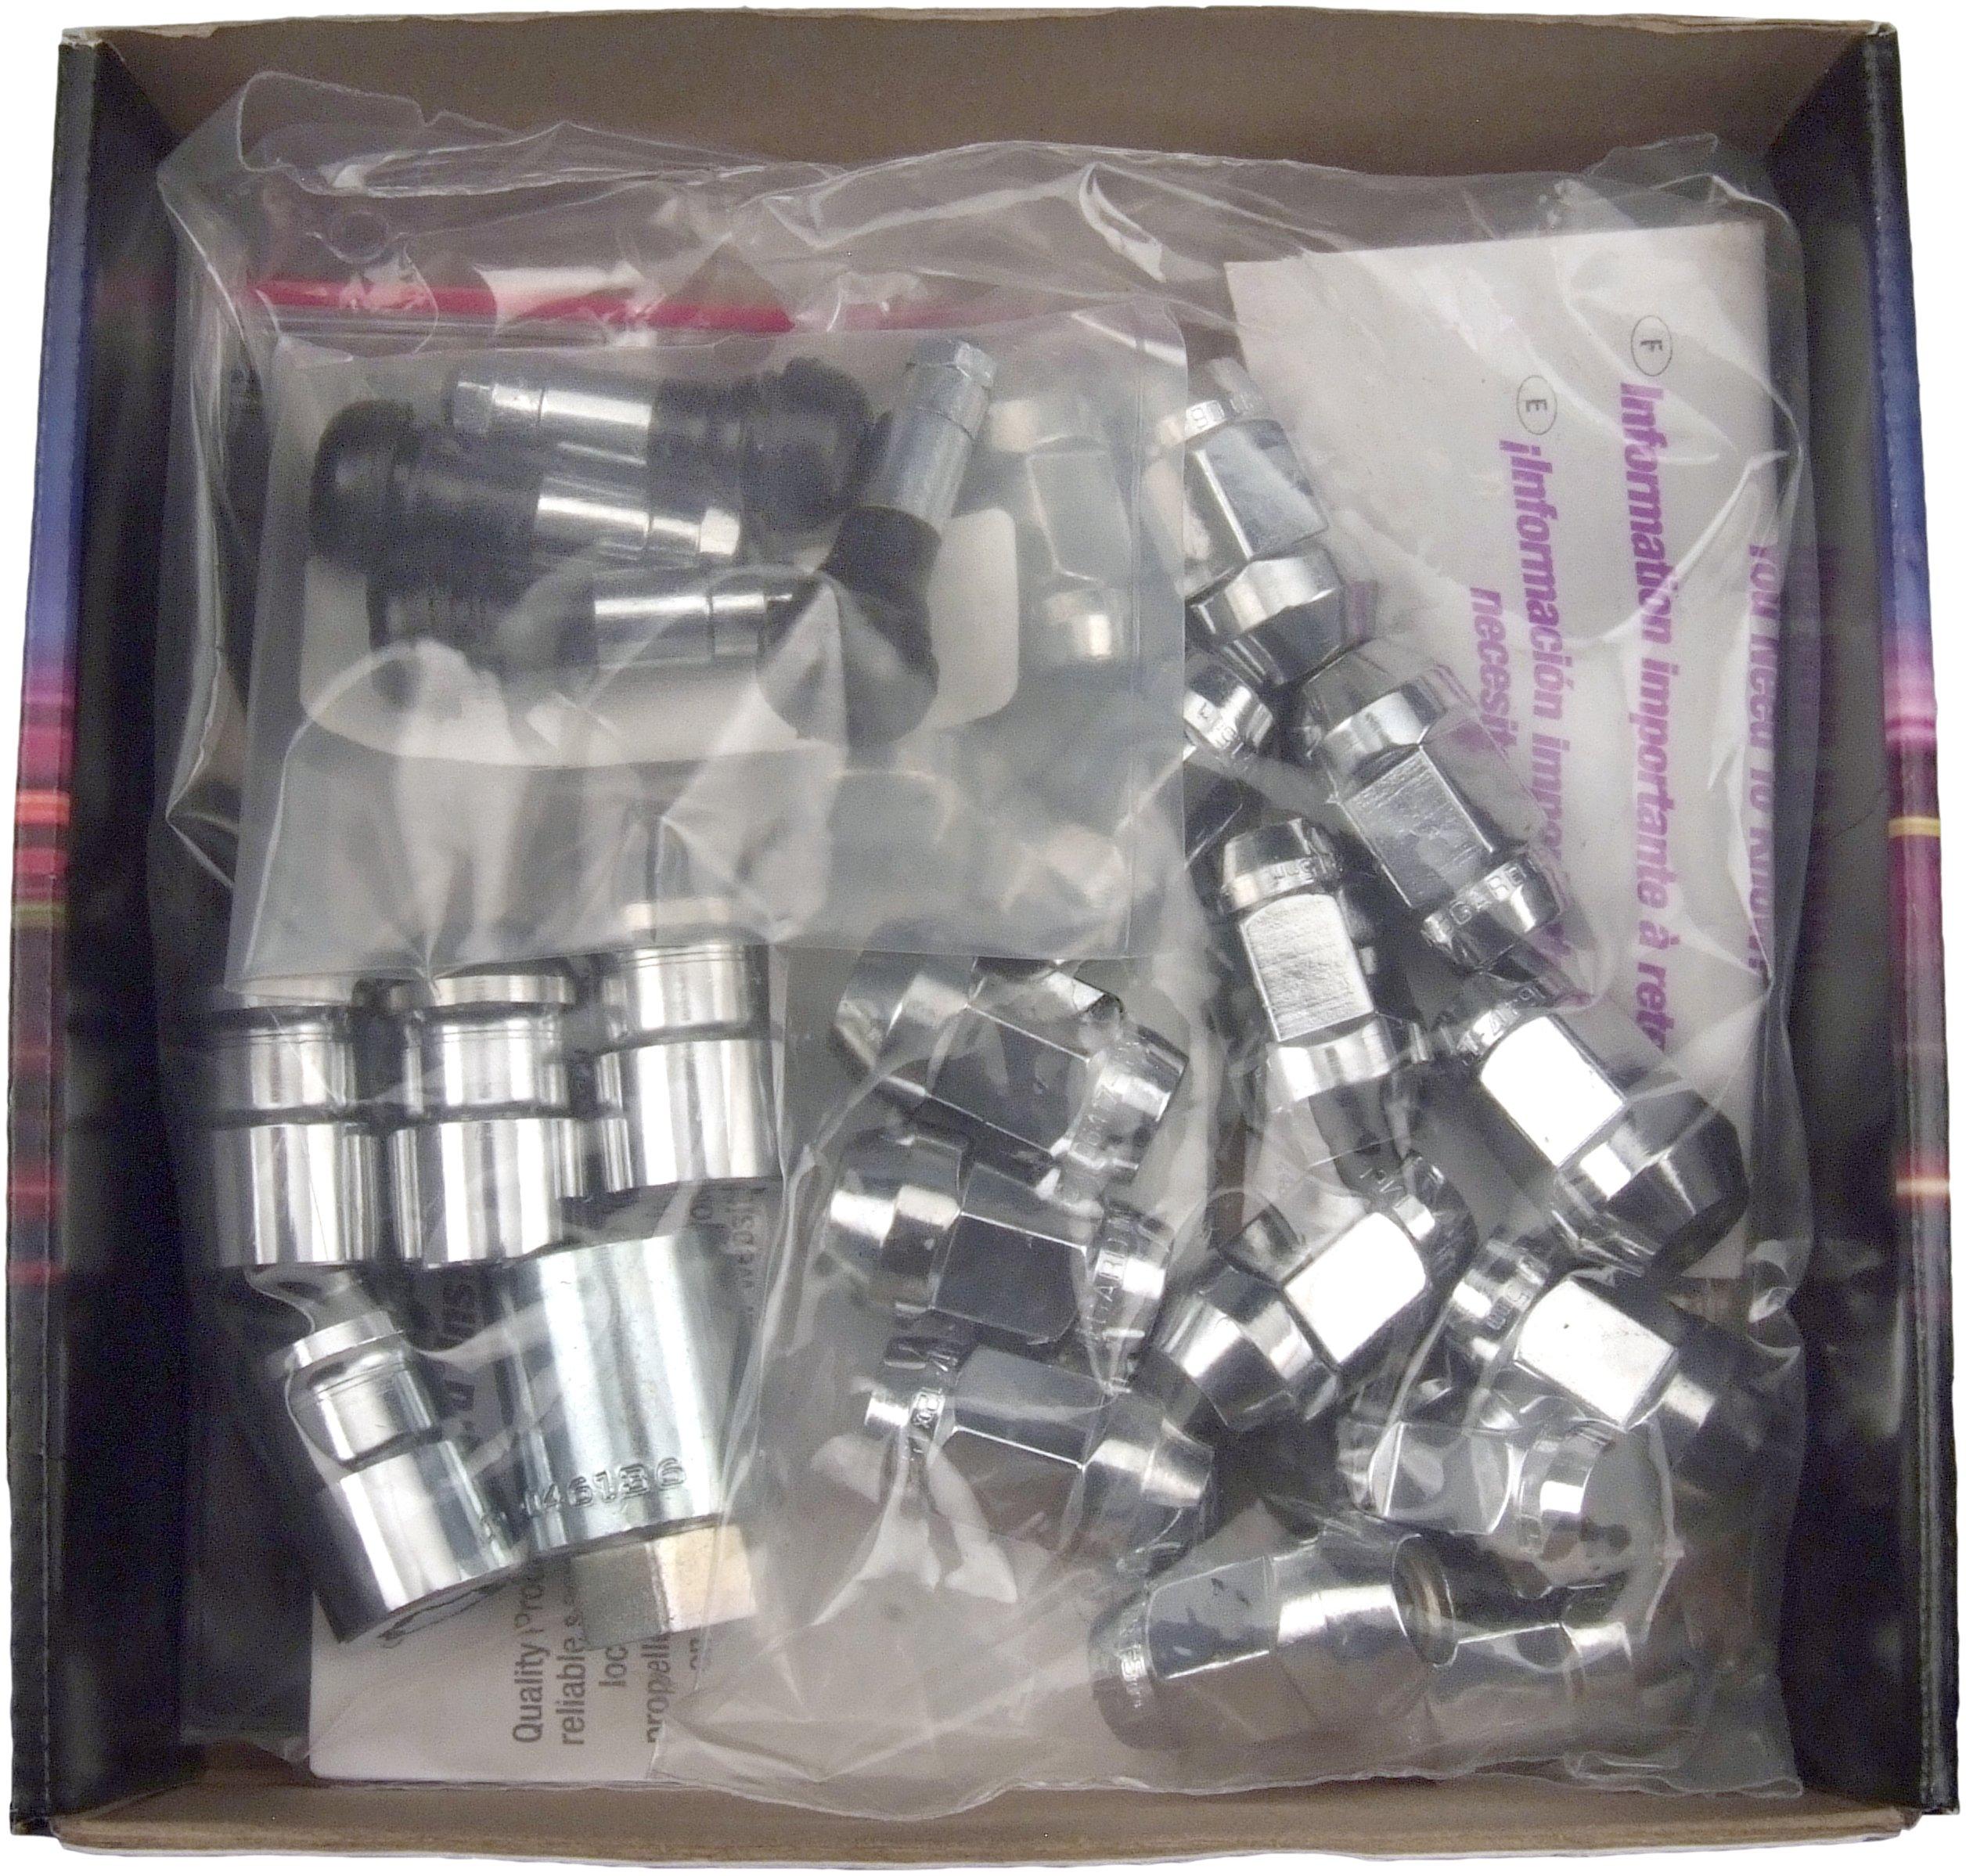 McGard 84537 Chrome Bulge Style Cone Seat Wheel Installation Kit (M12 x 1.5 Thread Size) - For 5 Lug Wheels